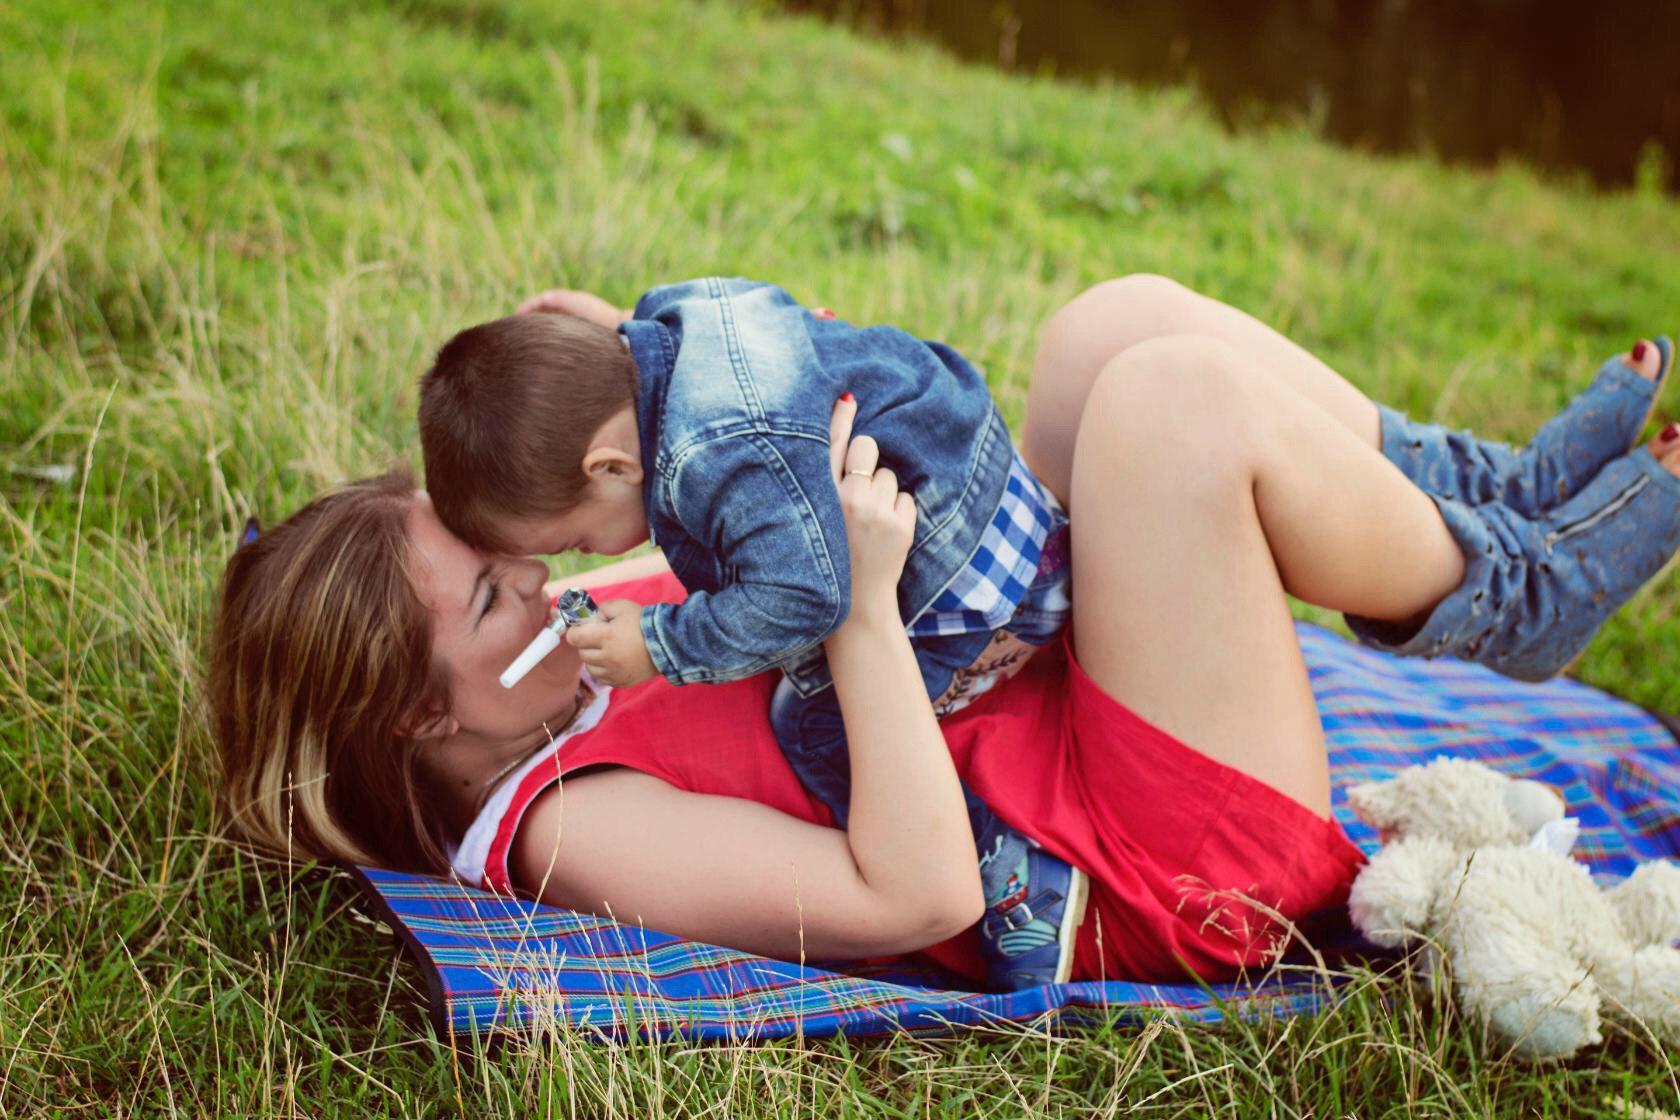 Счастье где дети. Летнее настроение